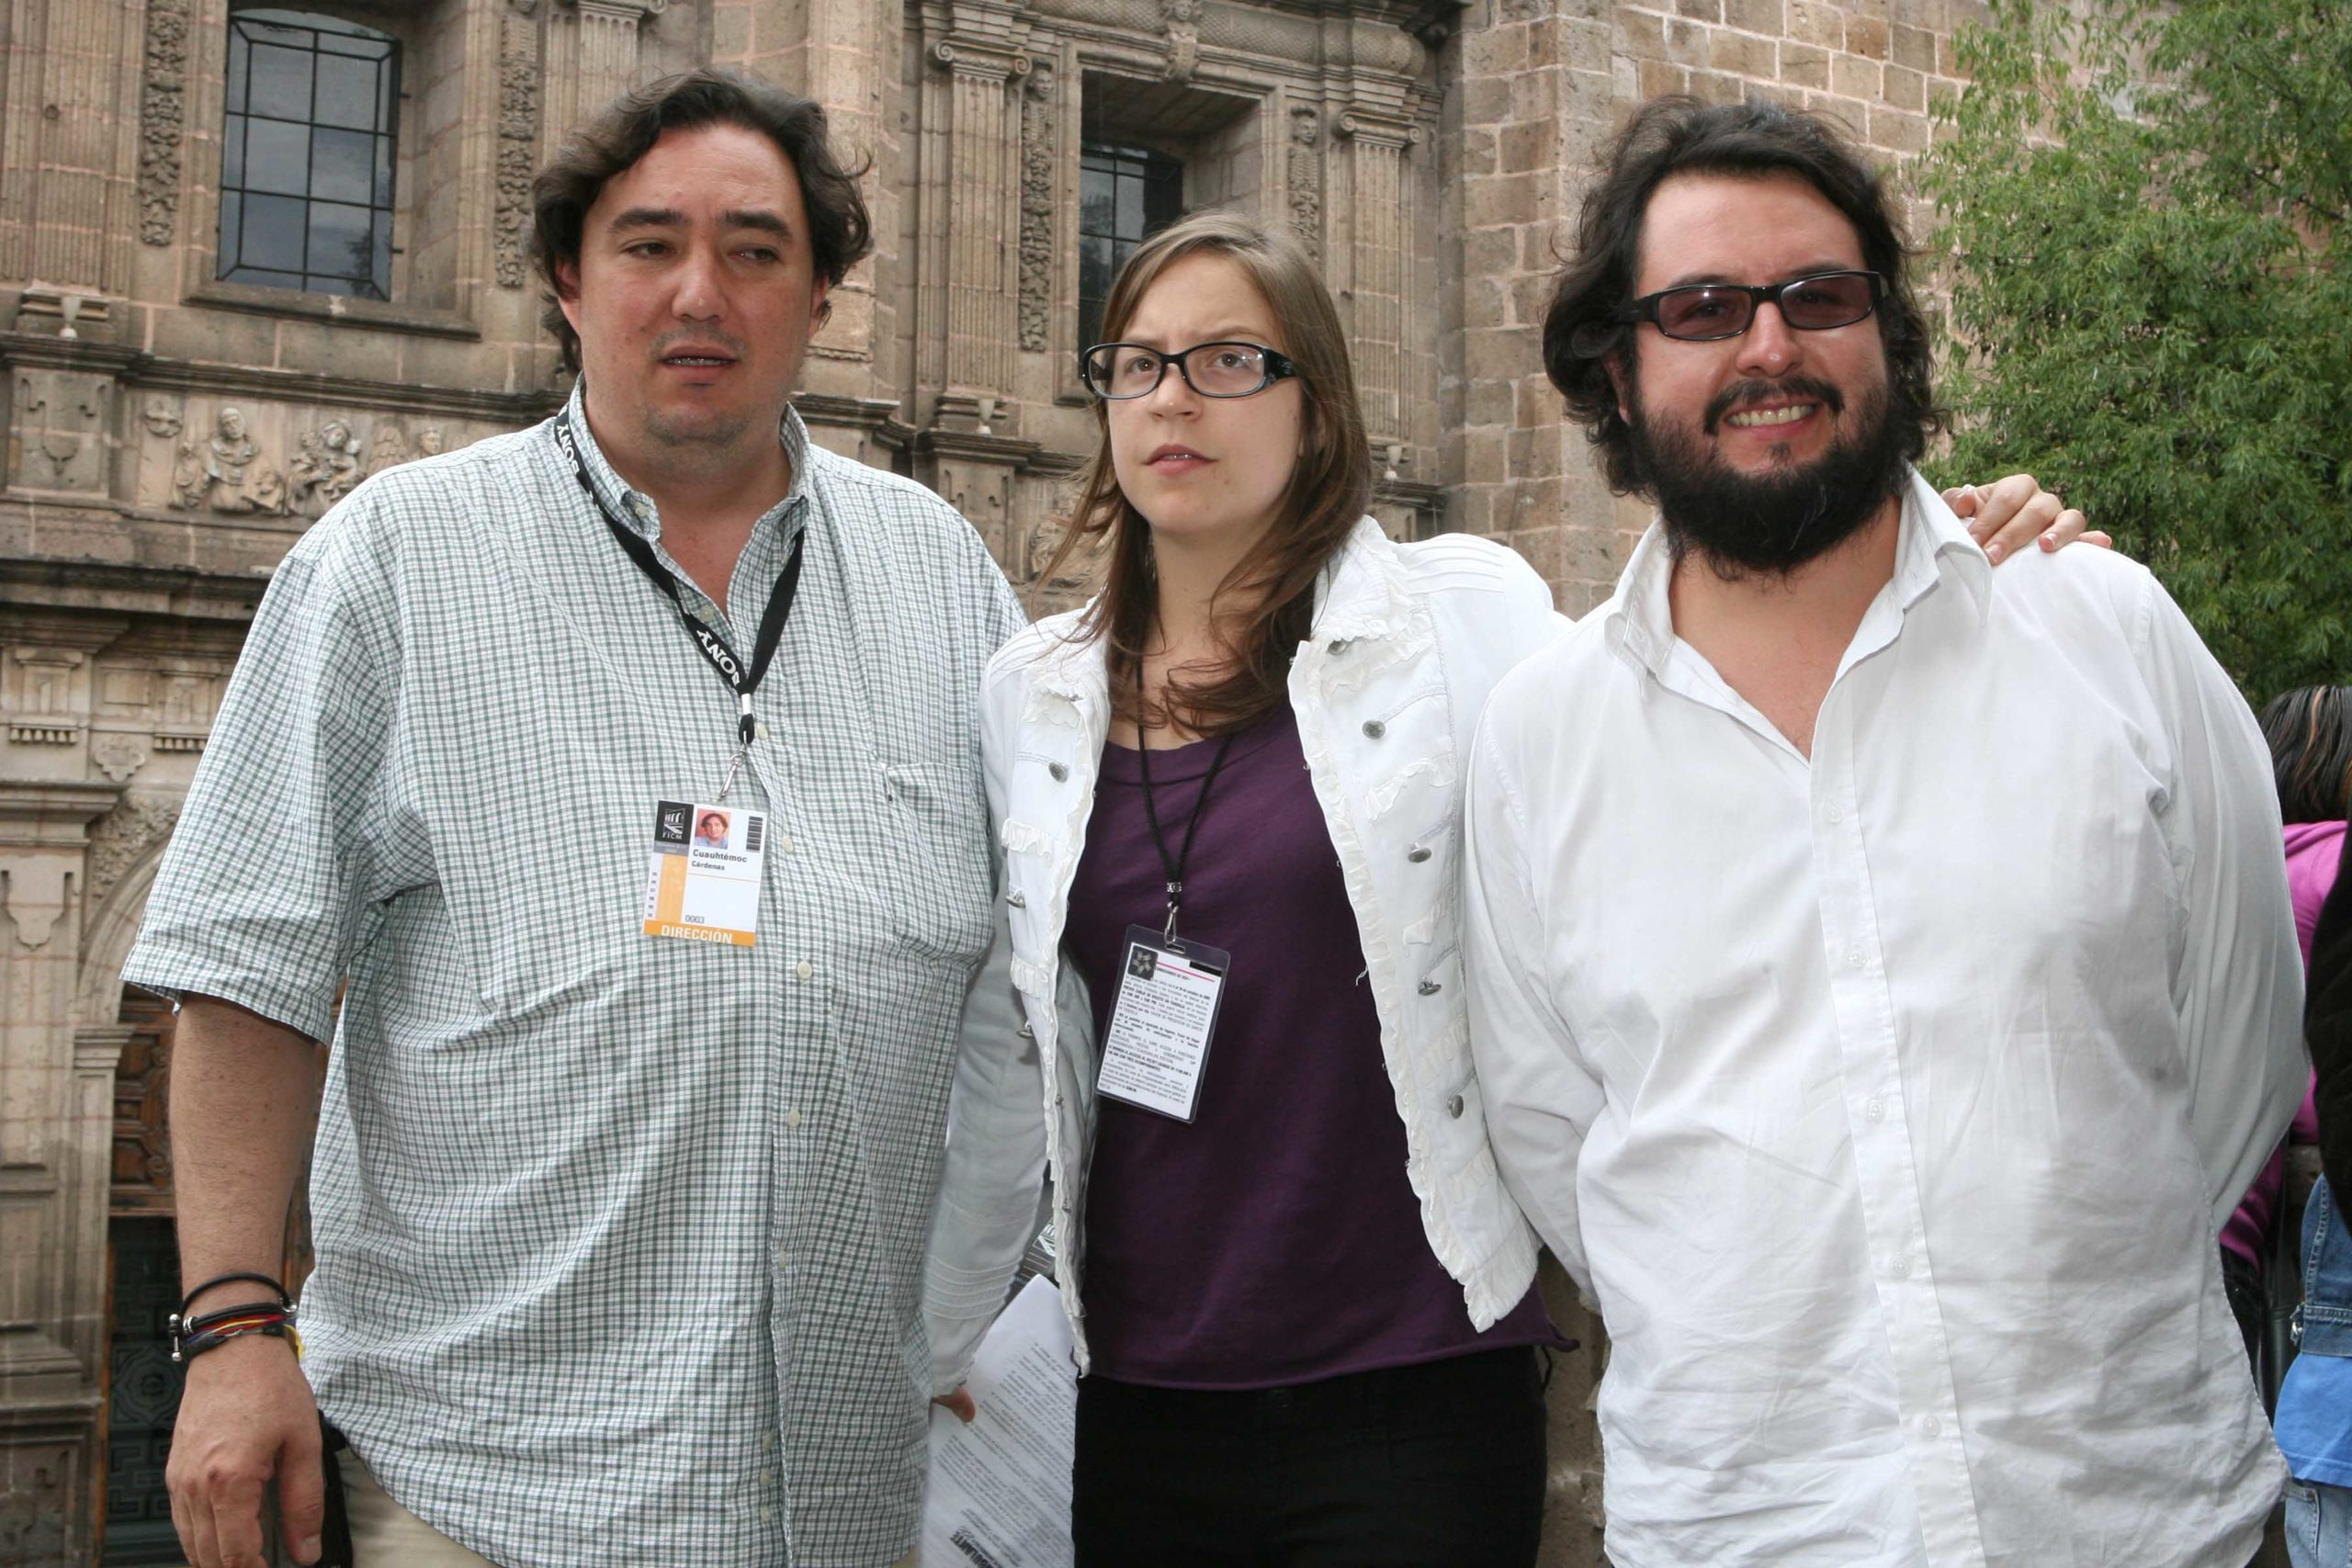 Cuauhtemoc Cardenas Batel (Vicepresidente del FICM), Elena Fortes (Directora Ambulante) y Pablo Cruz (socio de Canana Films y fundador Ambulante). Foto: Paulo Vidales/Imagen Latente